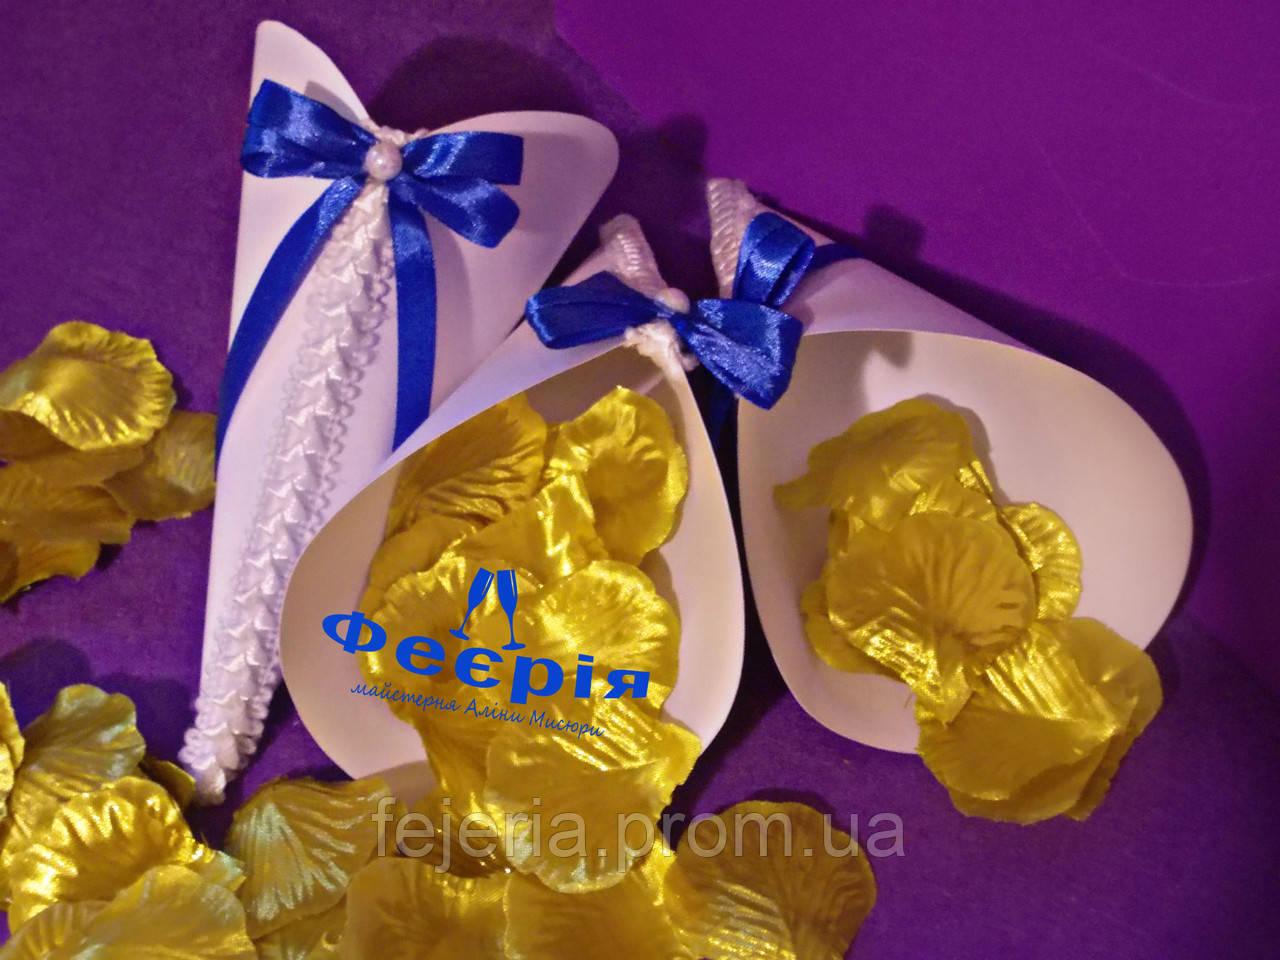 Кулечки для лепестков роз синие